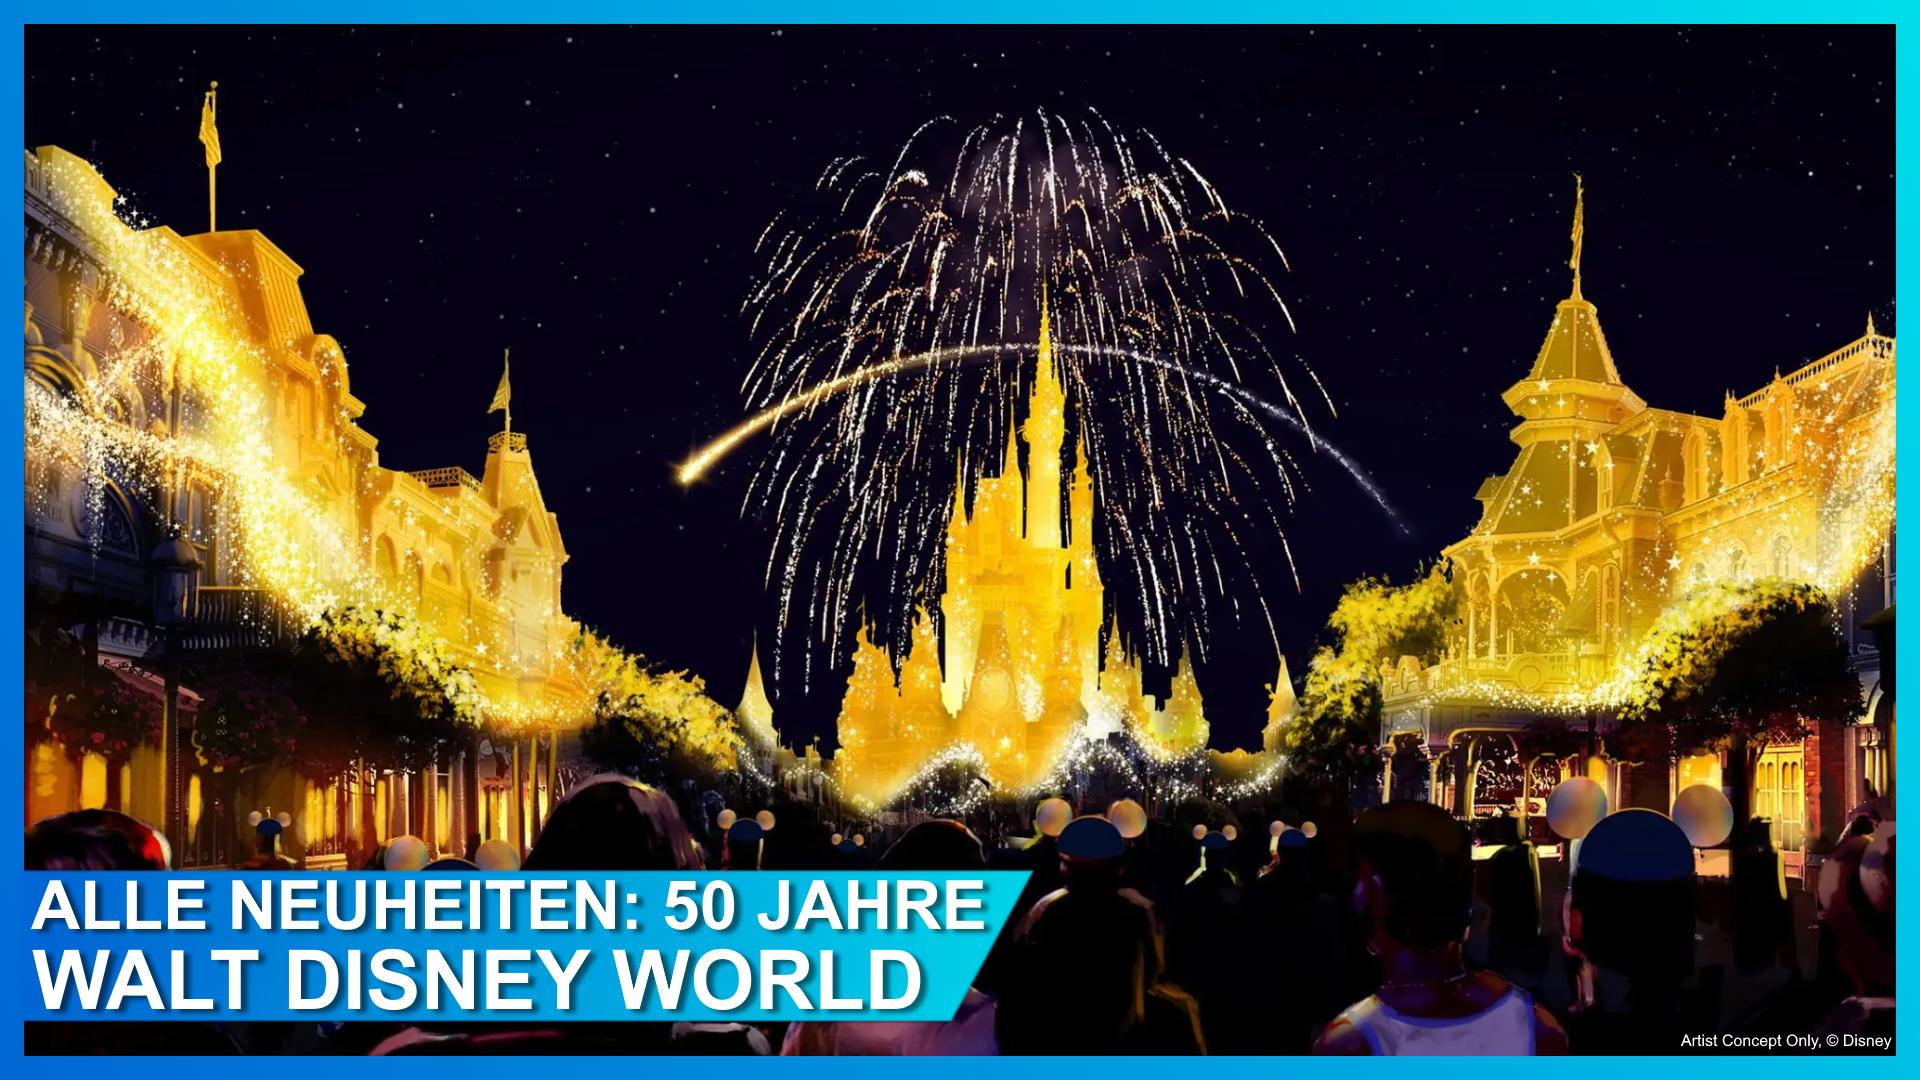 Disney Enchantment erleuchtet Cinderella Castle und die Main Street in Walt Disney World